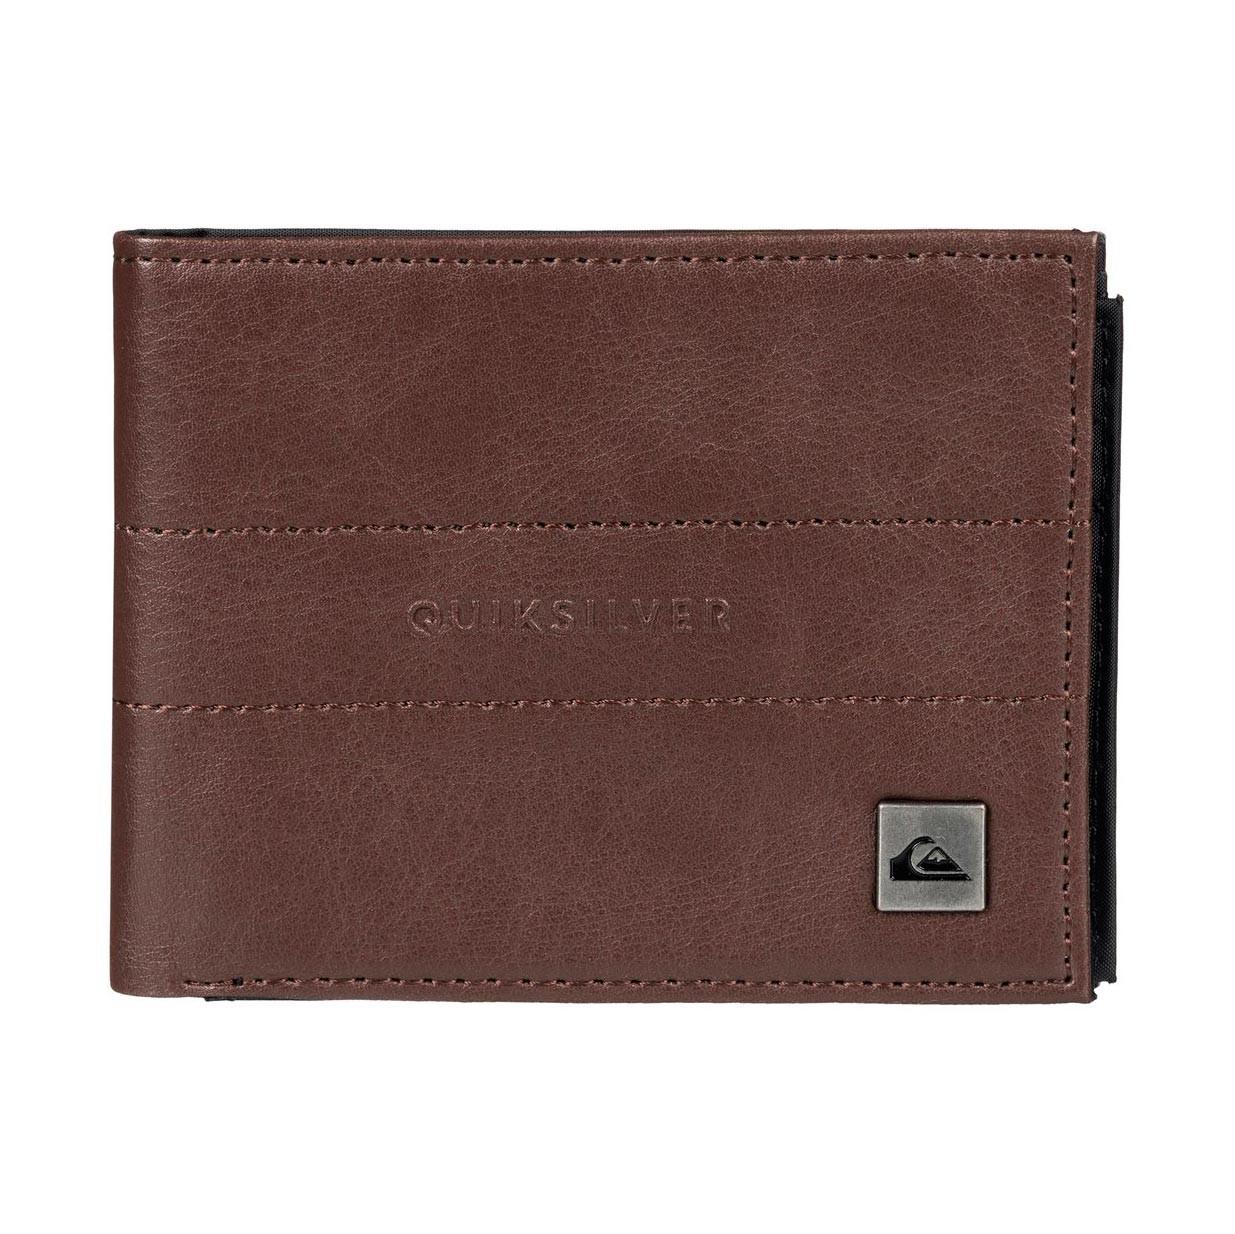 Peněženka Quiksilver Stitched II chocolate